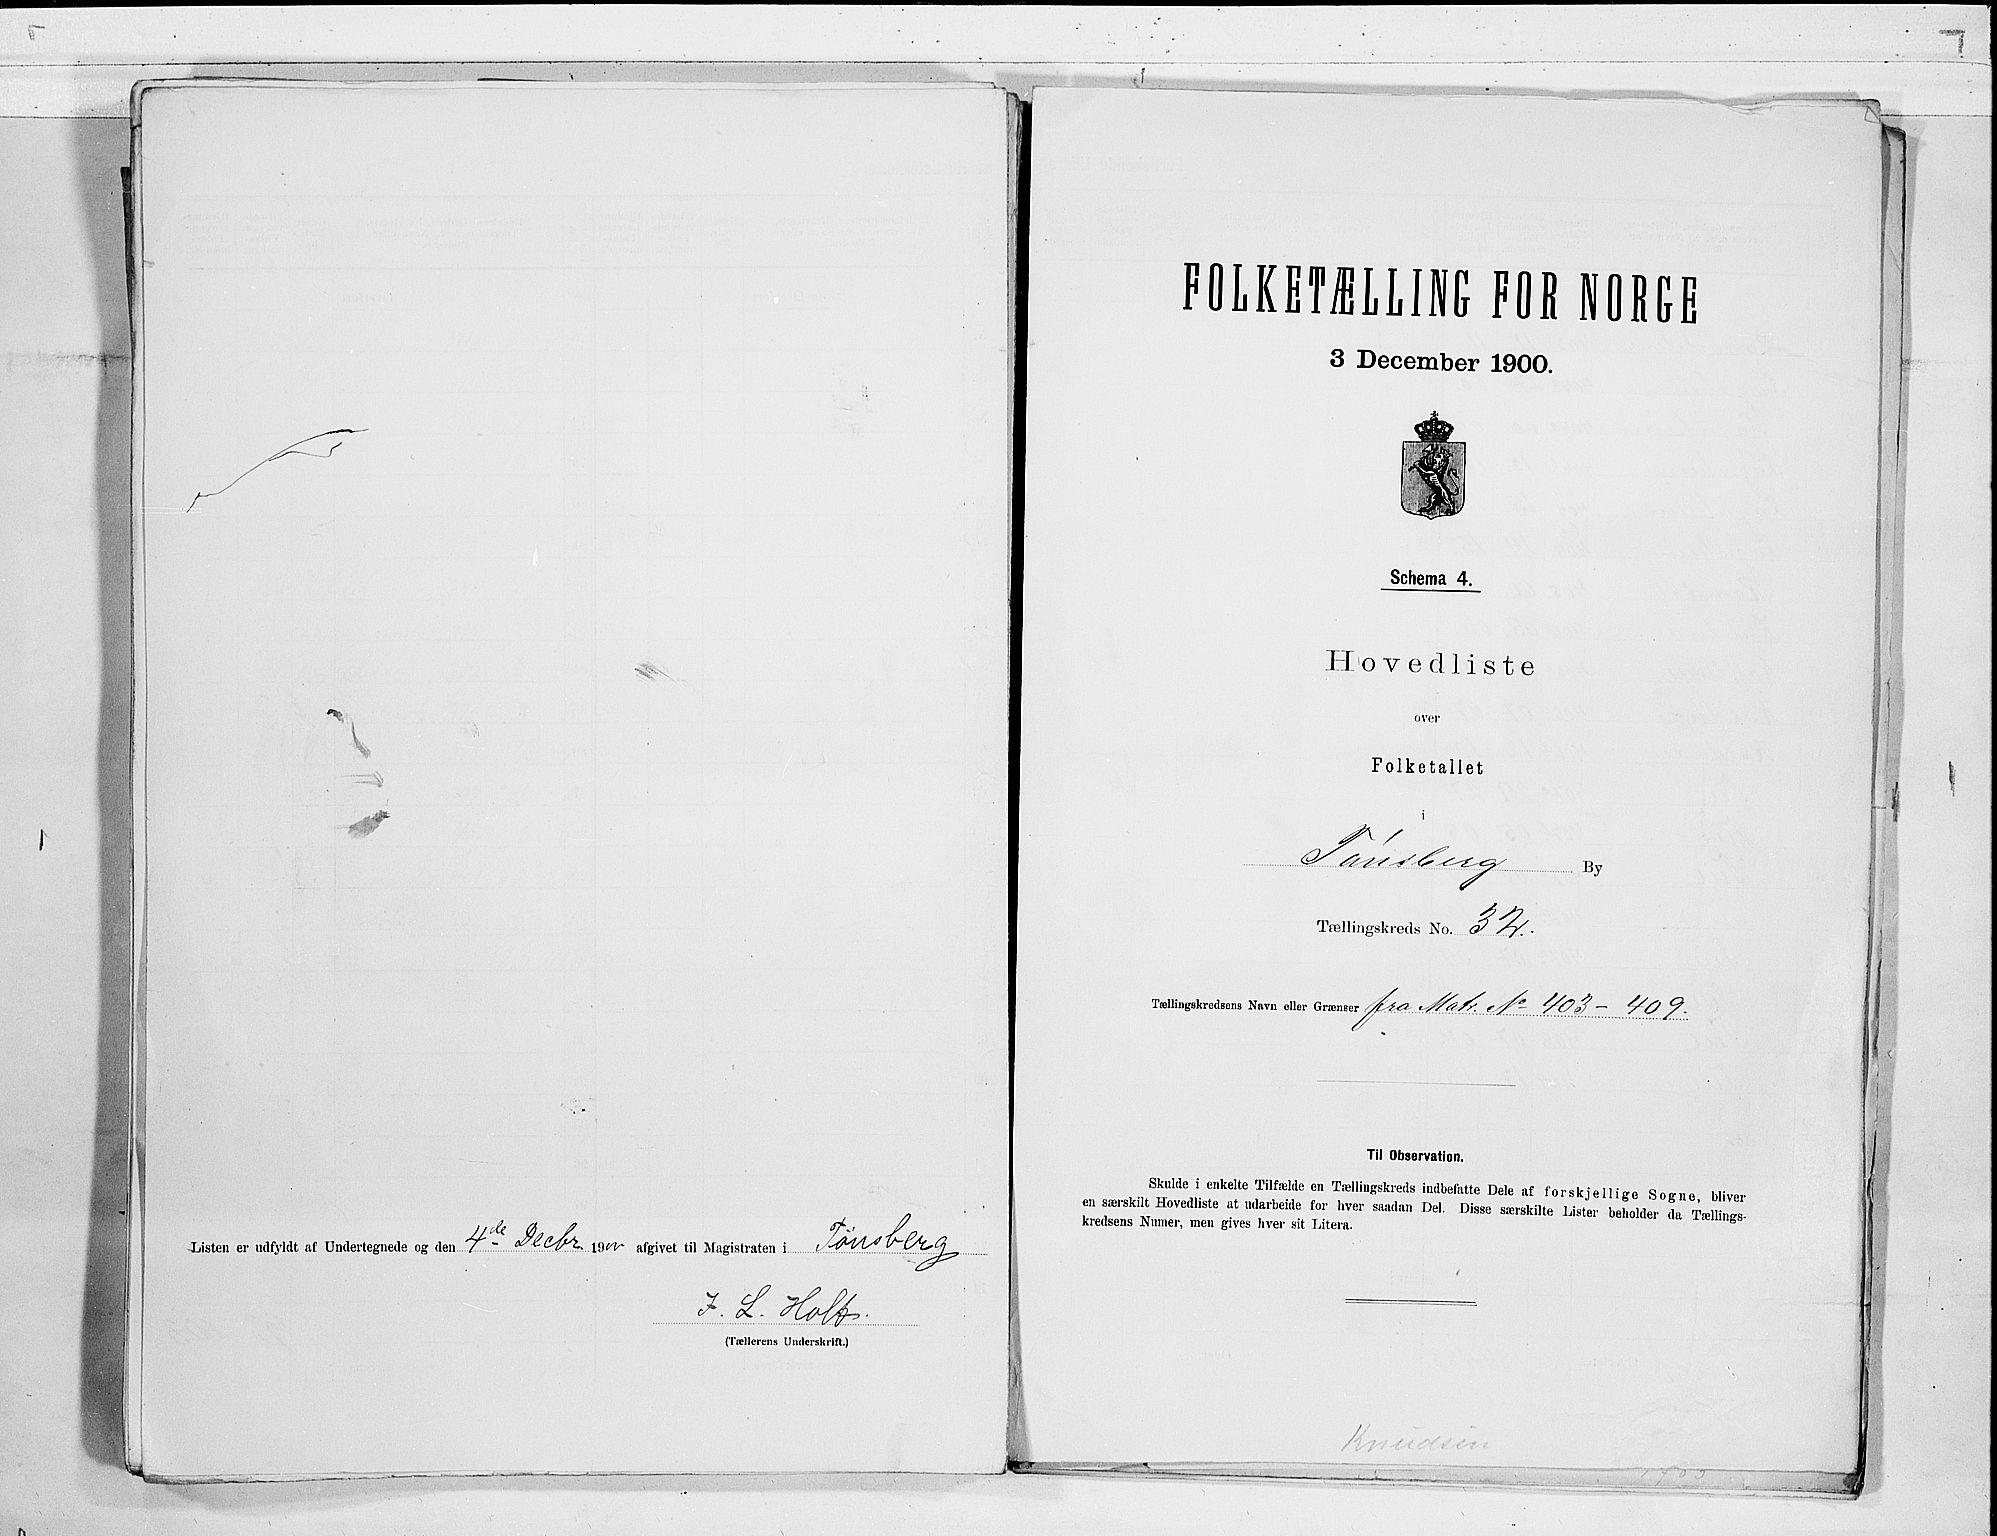 RA, Folketelling 1900 for 0705 Tønsberg kjøpstad, 1900, s. 66